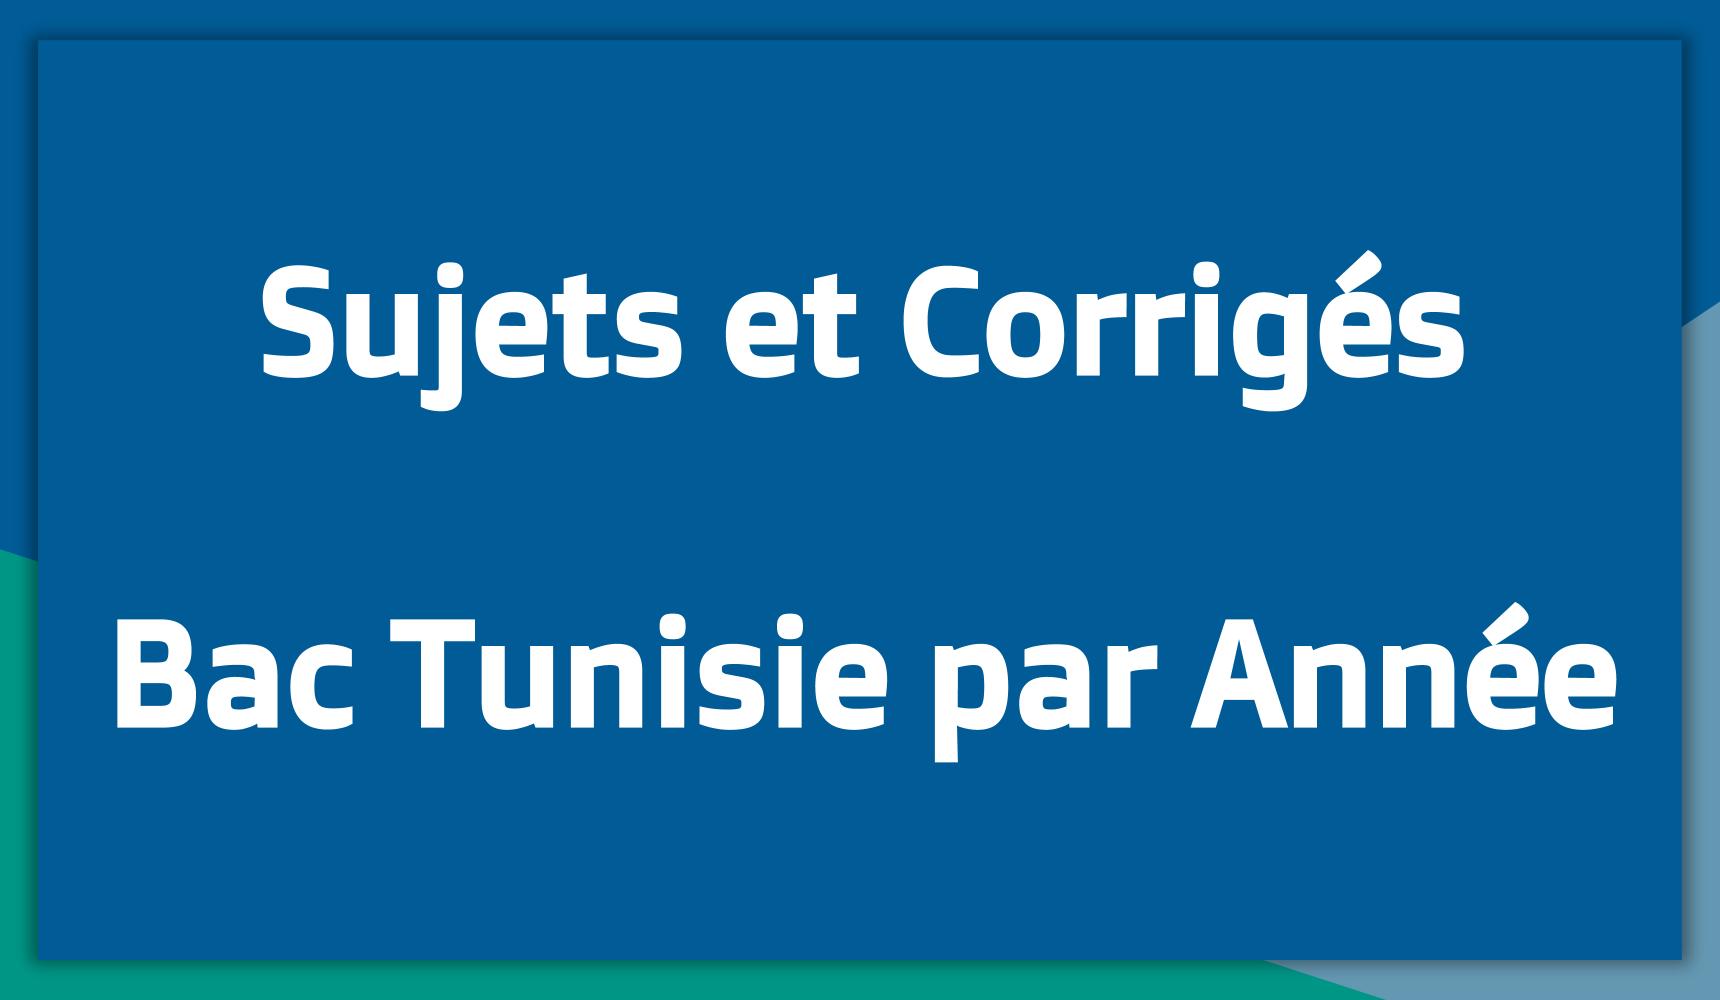 Sujets et Corrigés du Bac en Tunisie par Année